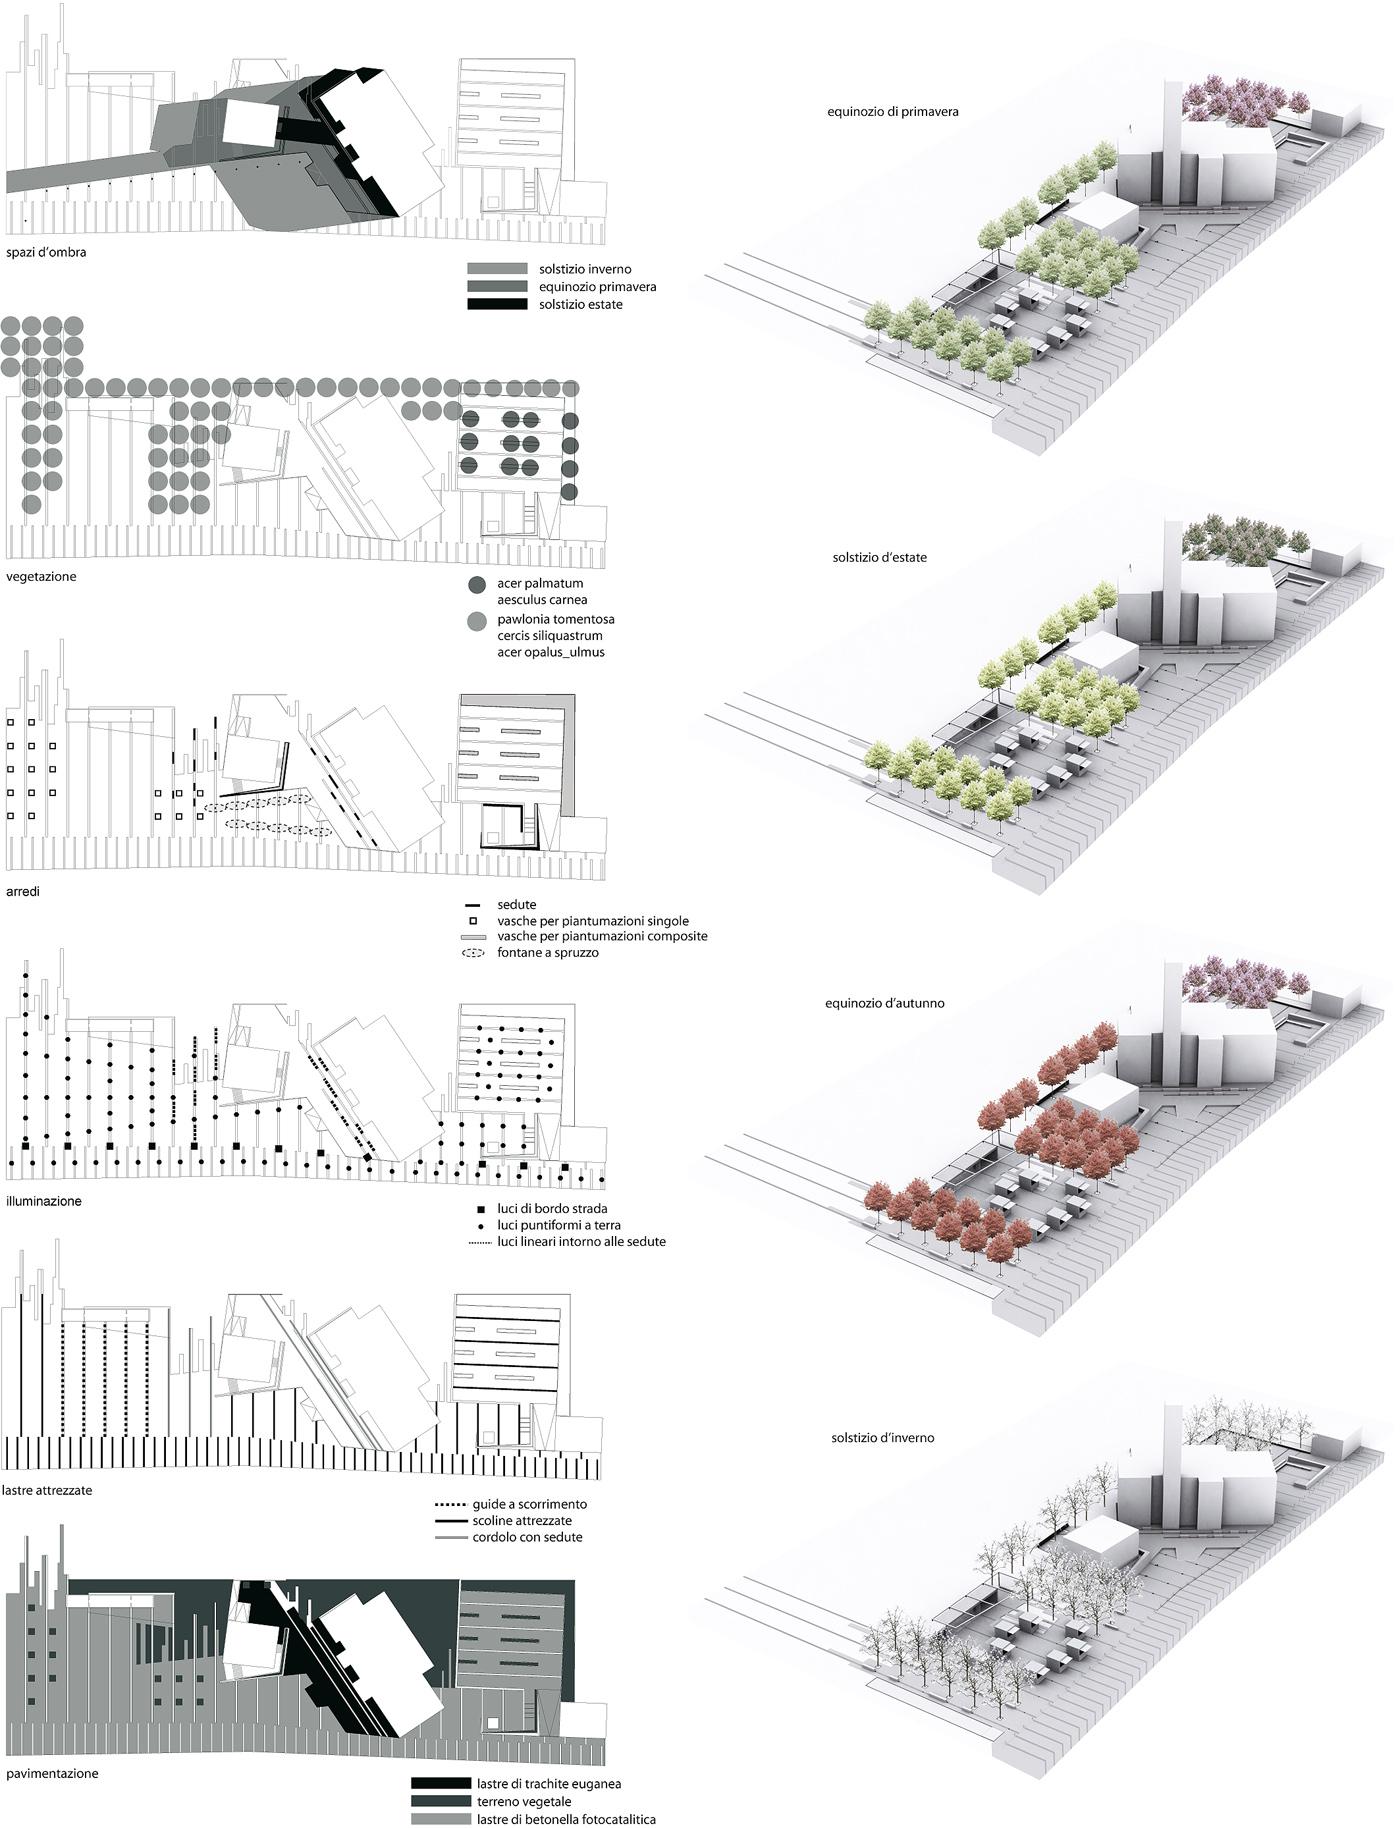 La nuova piazza di Asigliano Veneto, uno spazio pubblico tracciato dall'ombra a ricomporre i lembi sfrangiati del tessuto edilizio. Layer dei materiali e cambi stagionali nelle vegetazioni | Bottega di Architettura